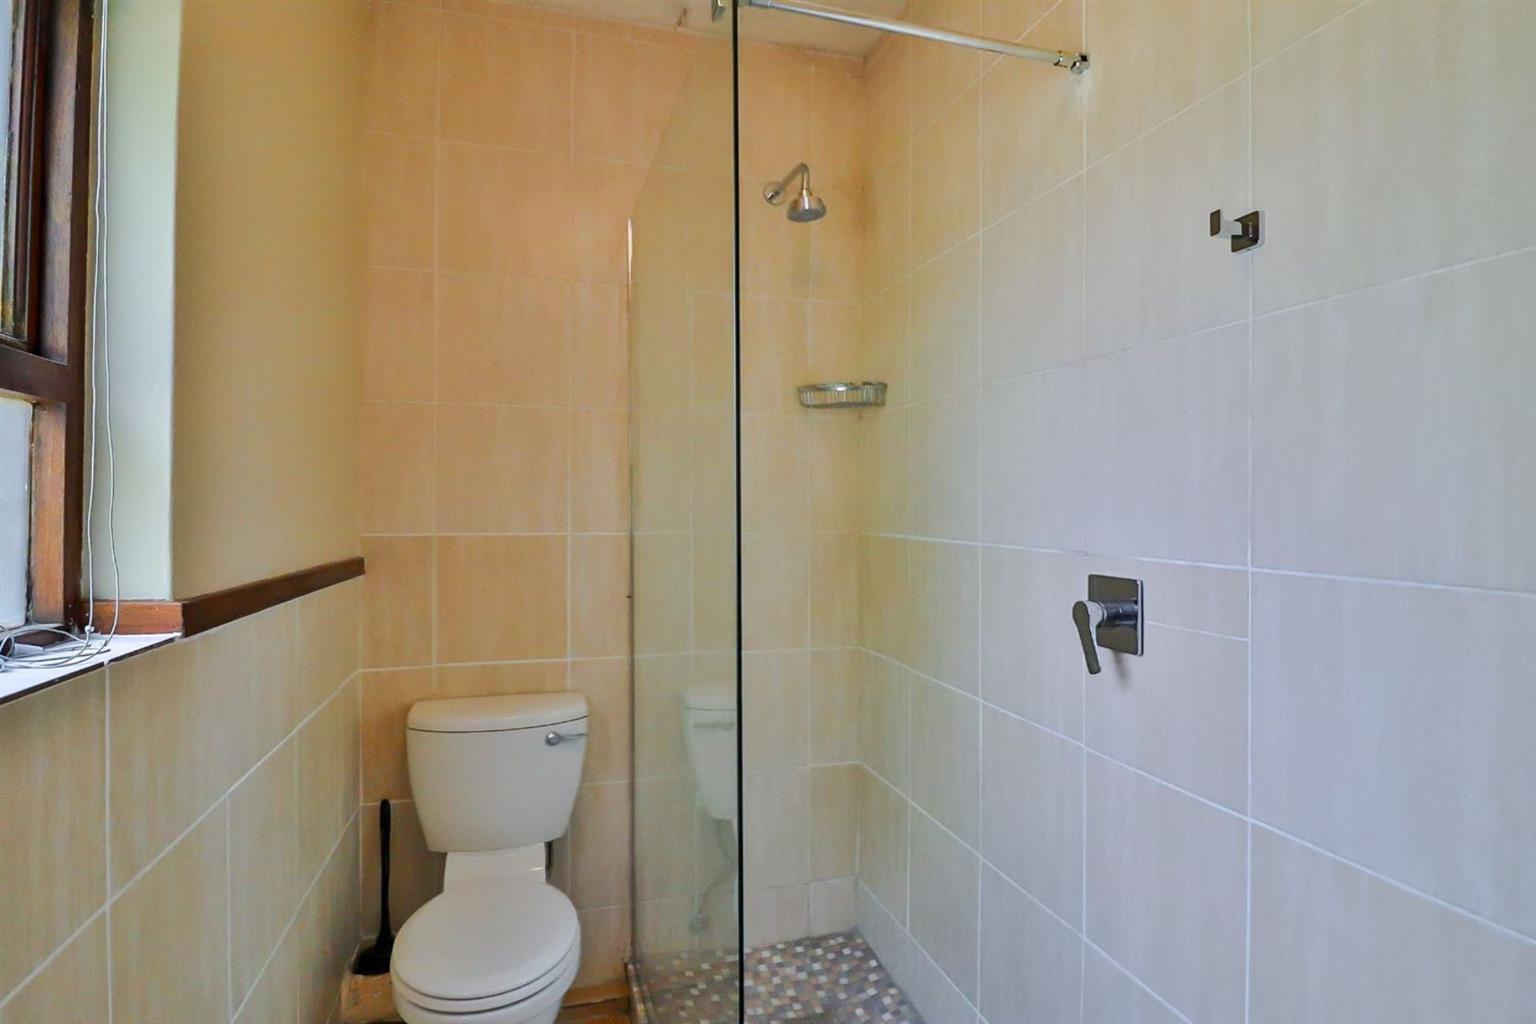 Apartment Rental Monthly in STRATHAVON